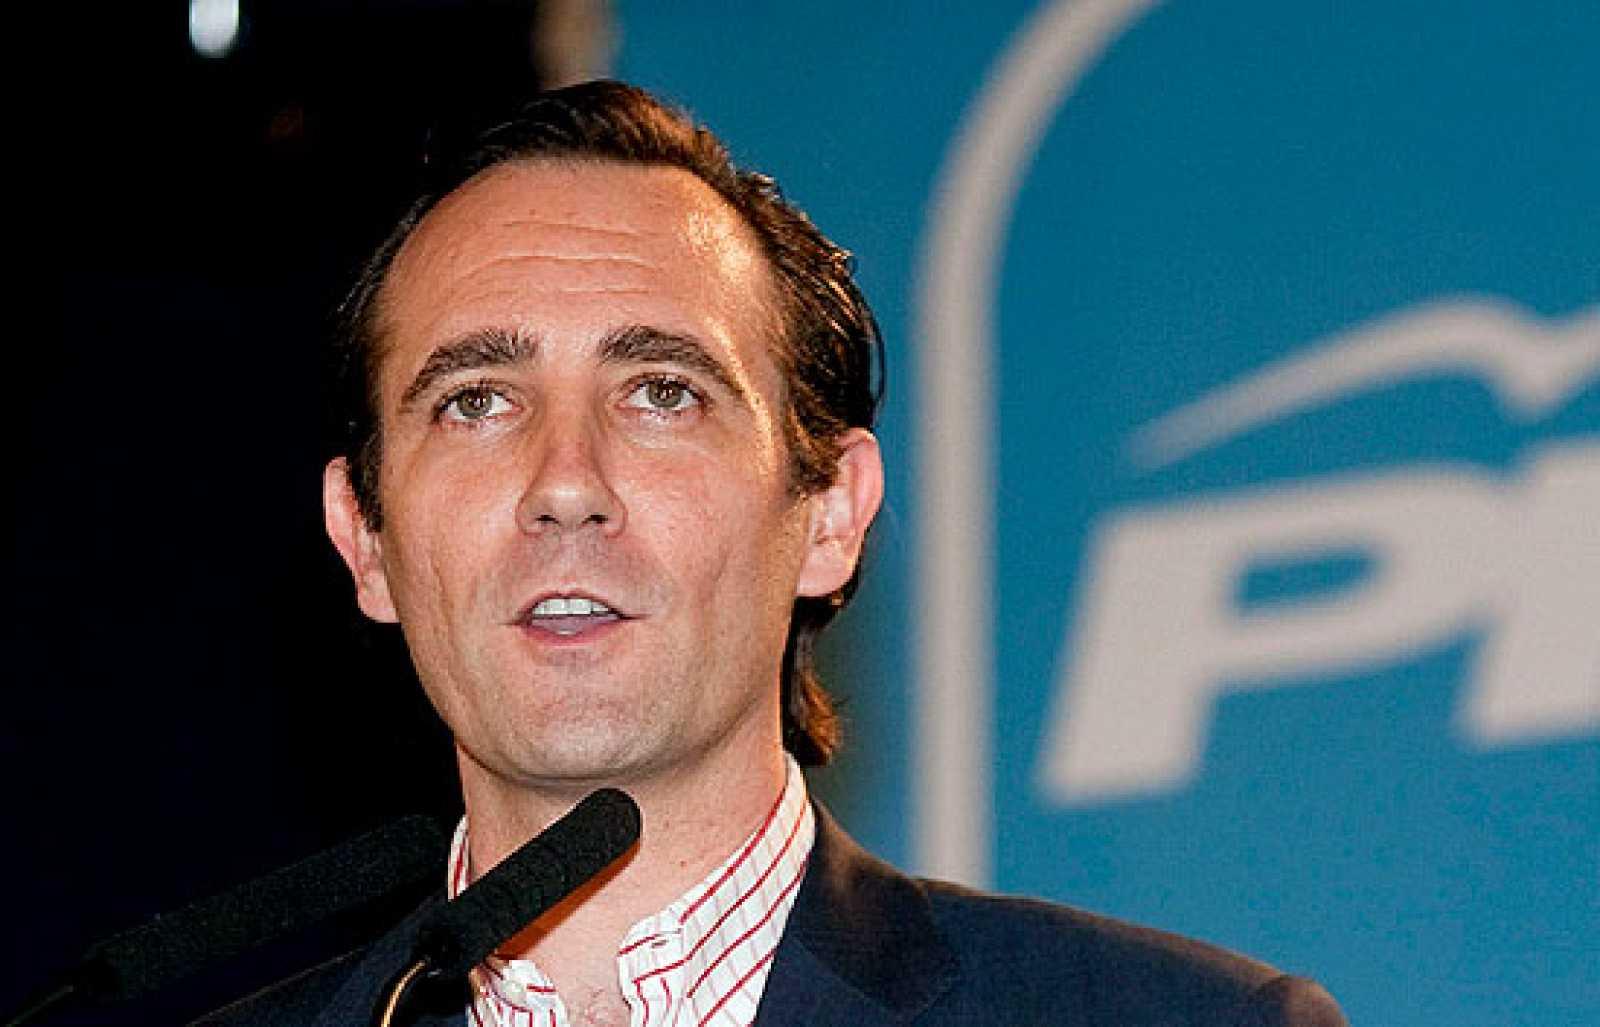 Bauzá presidente del PP de Baleares